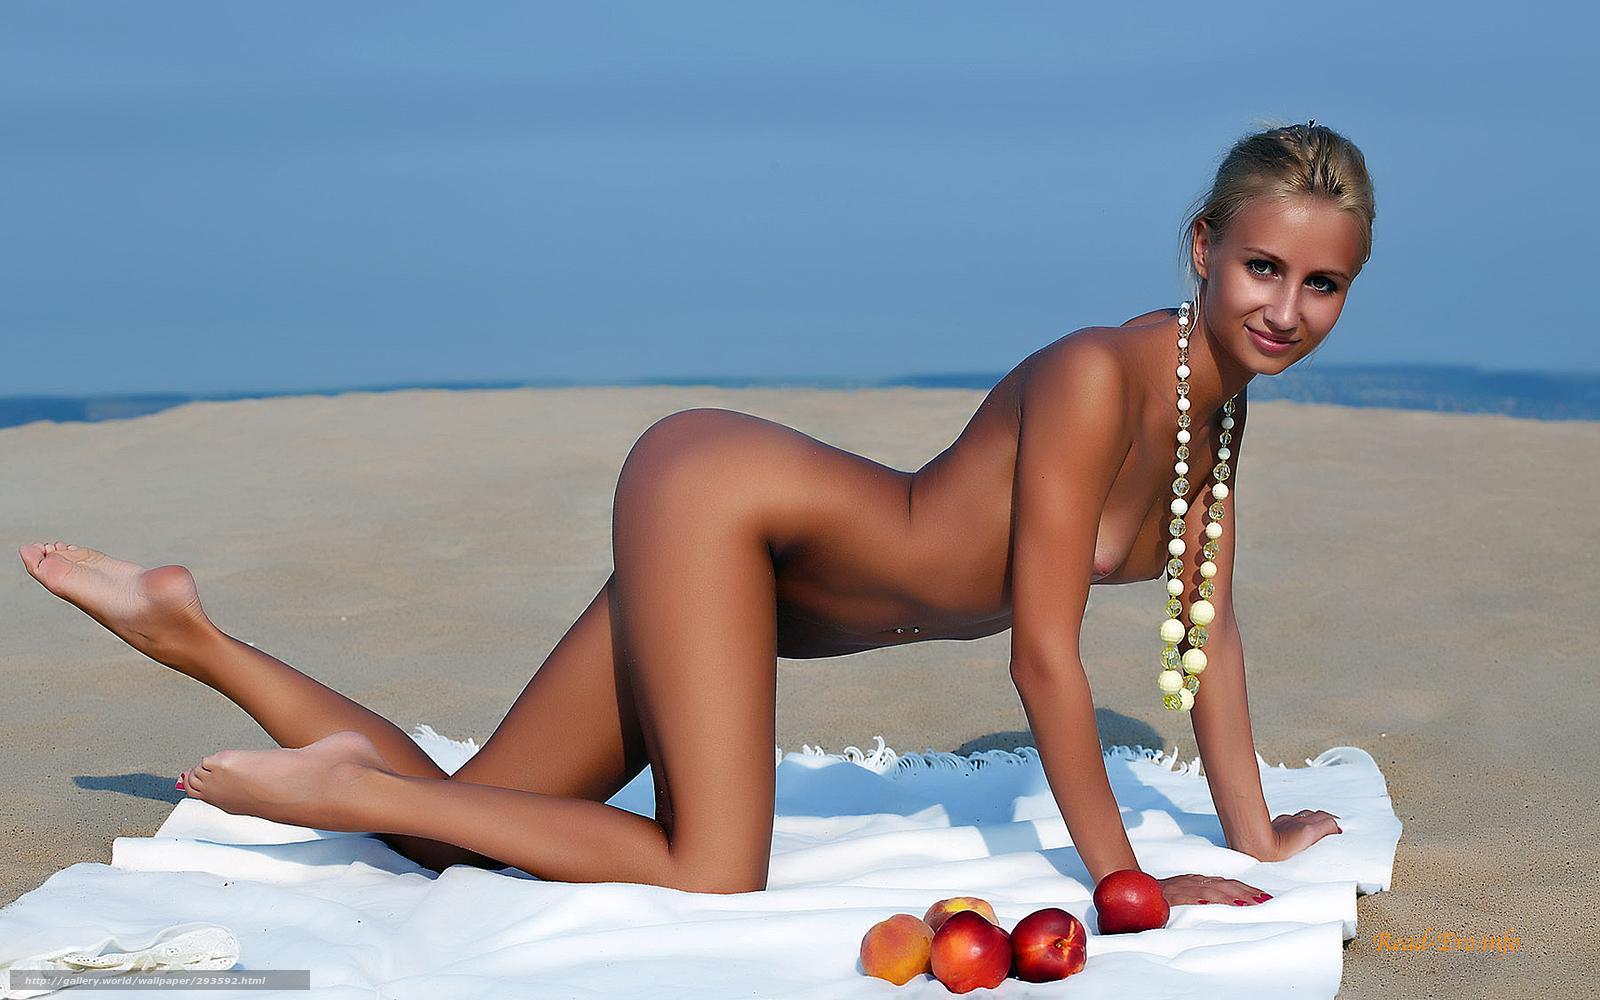 Смотреть фото девушек голышок на пляже 14 фотография